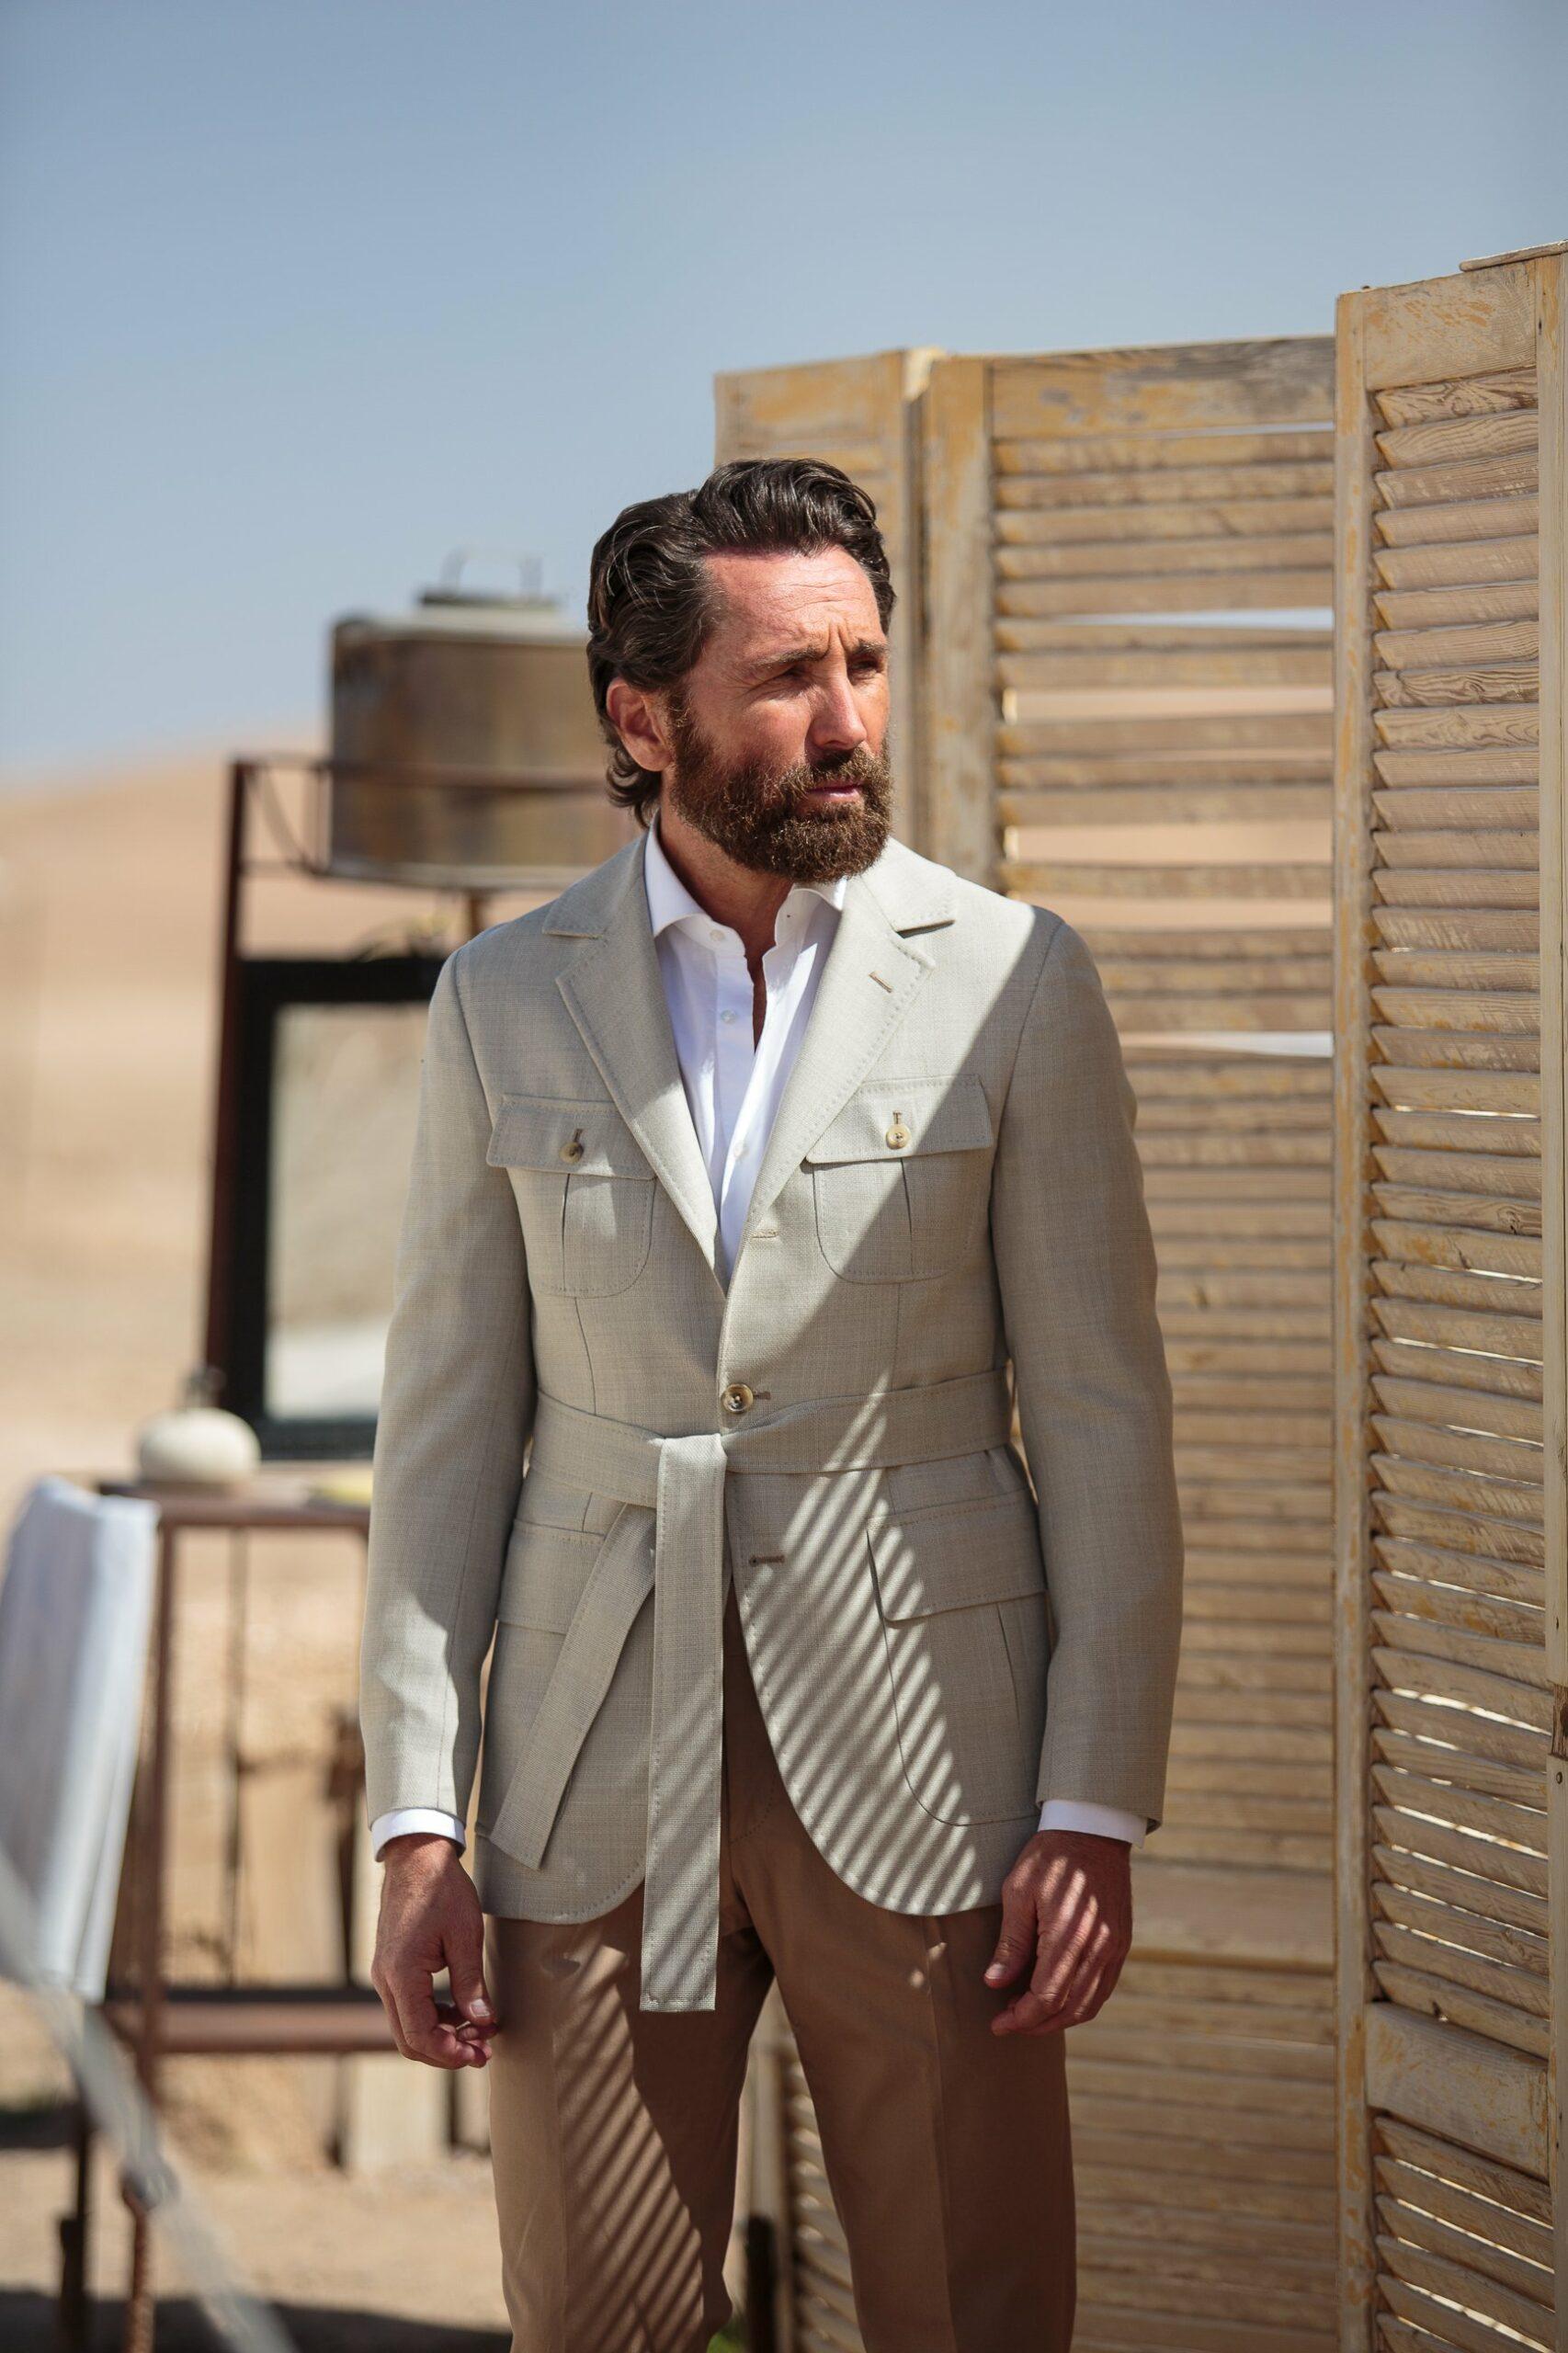 Les revers sont quasiment identiques à ce que l'on peut trouver sur une veste sport classique. Les basques sont arrondis, les quartiers ouverts pour un esprit sportif. De façon cohérente avec cet esprit sportif, les poches sont plaquées avec soufflets et rabats y compris au niveau de la poitrine. La ceinture nouée permet de souligner la taille et de conférer une allure décontractée permettant de ne pas sembler sur-habillé.  Source : Pini Parma.